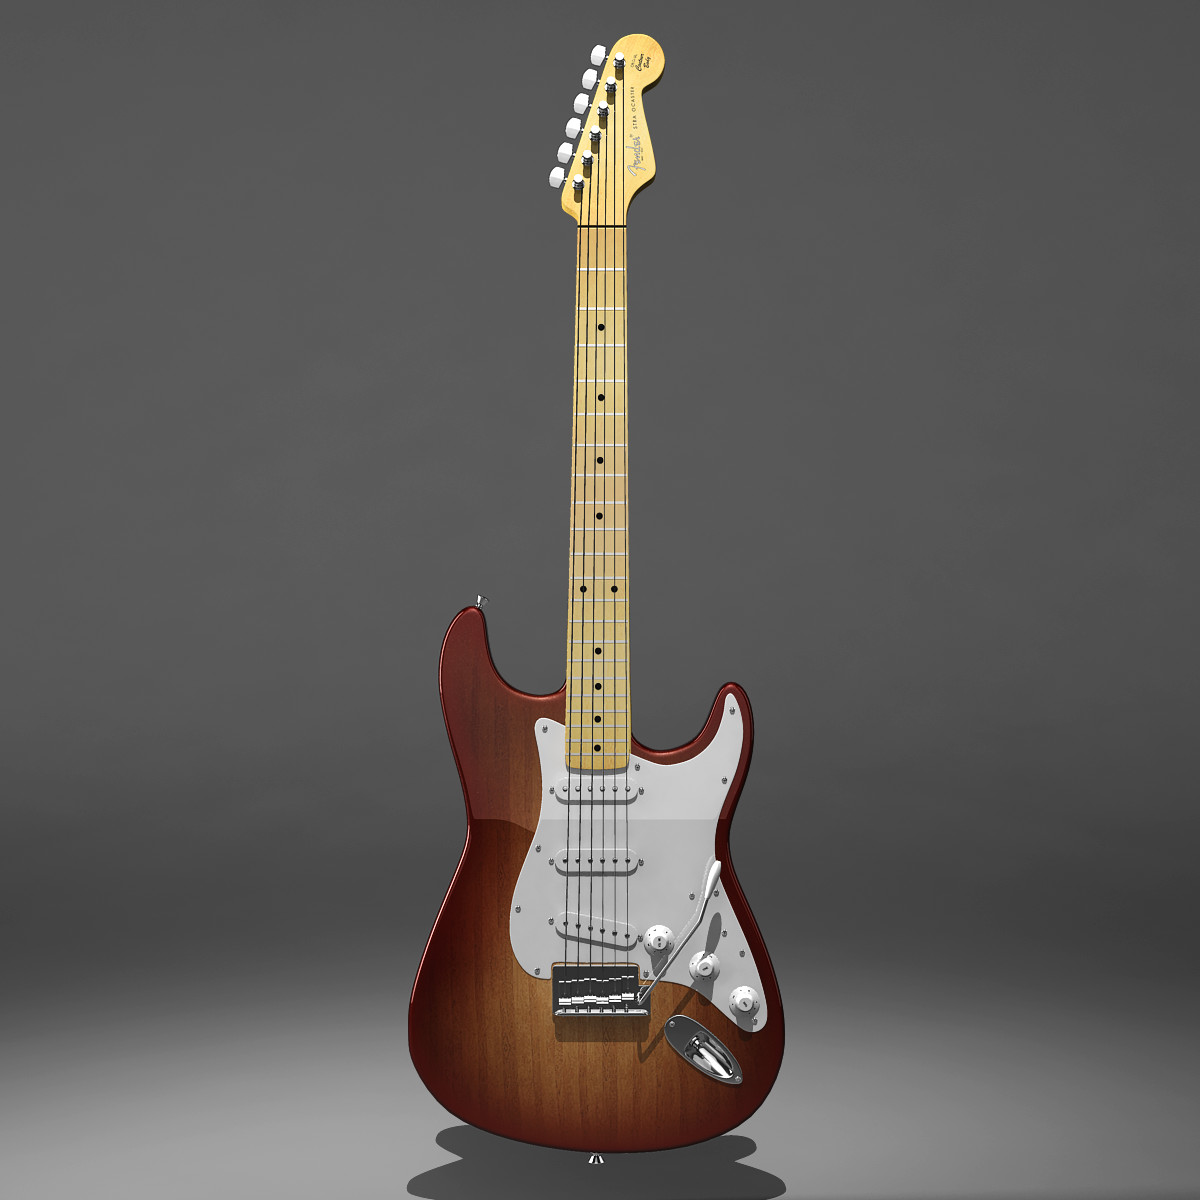 Fender_Stratocaster.png